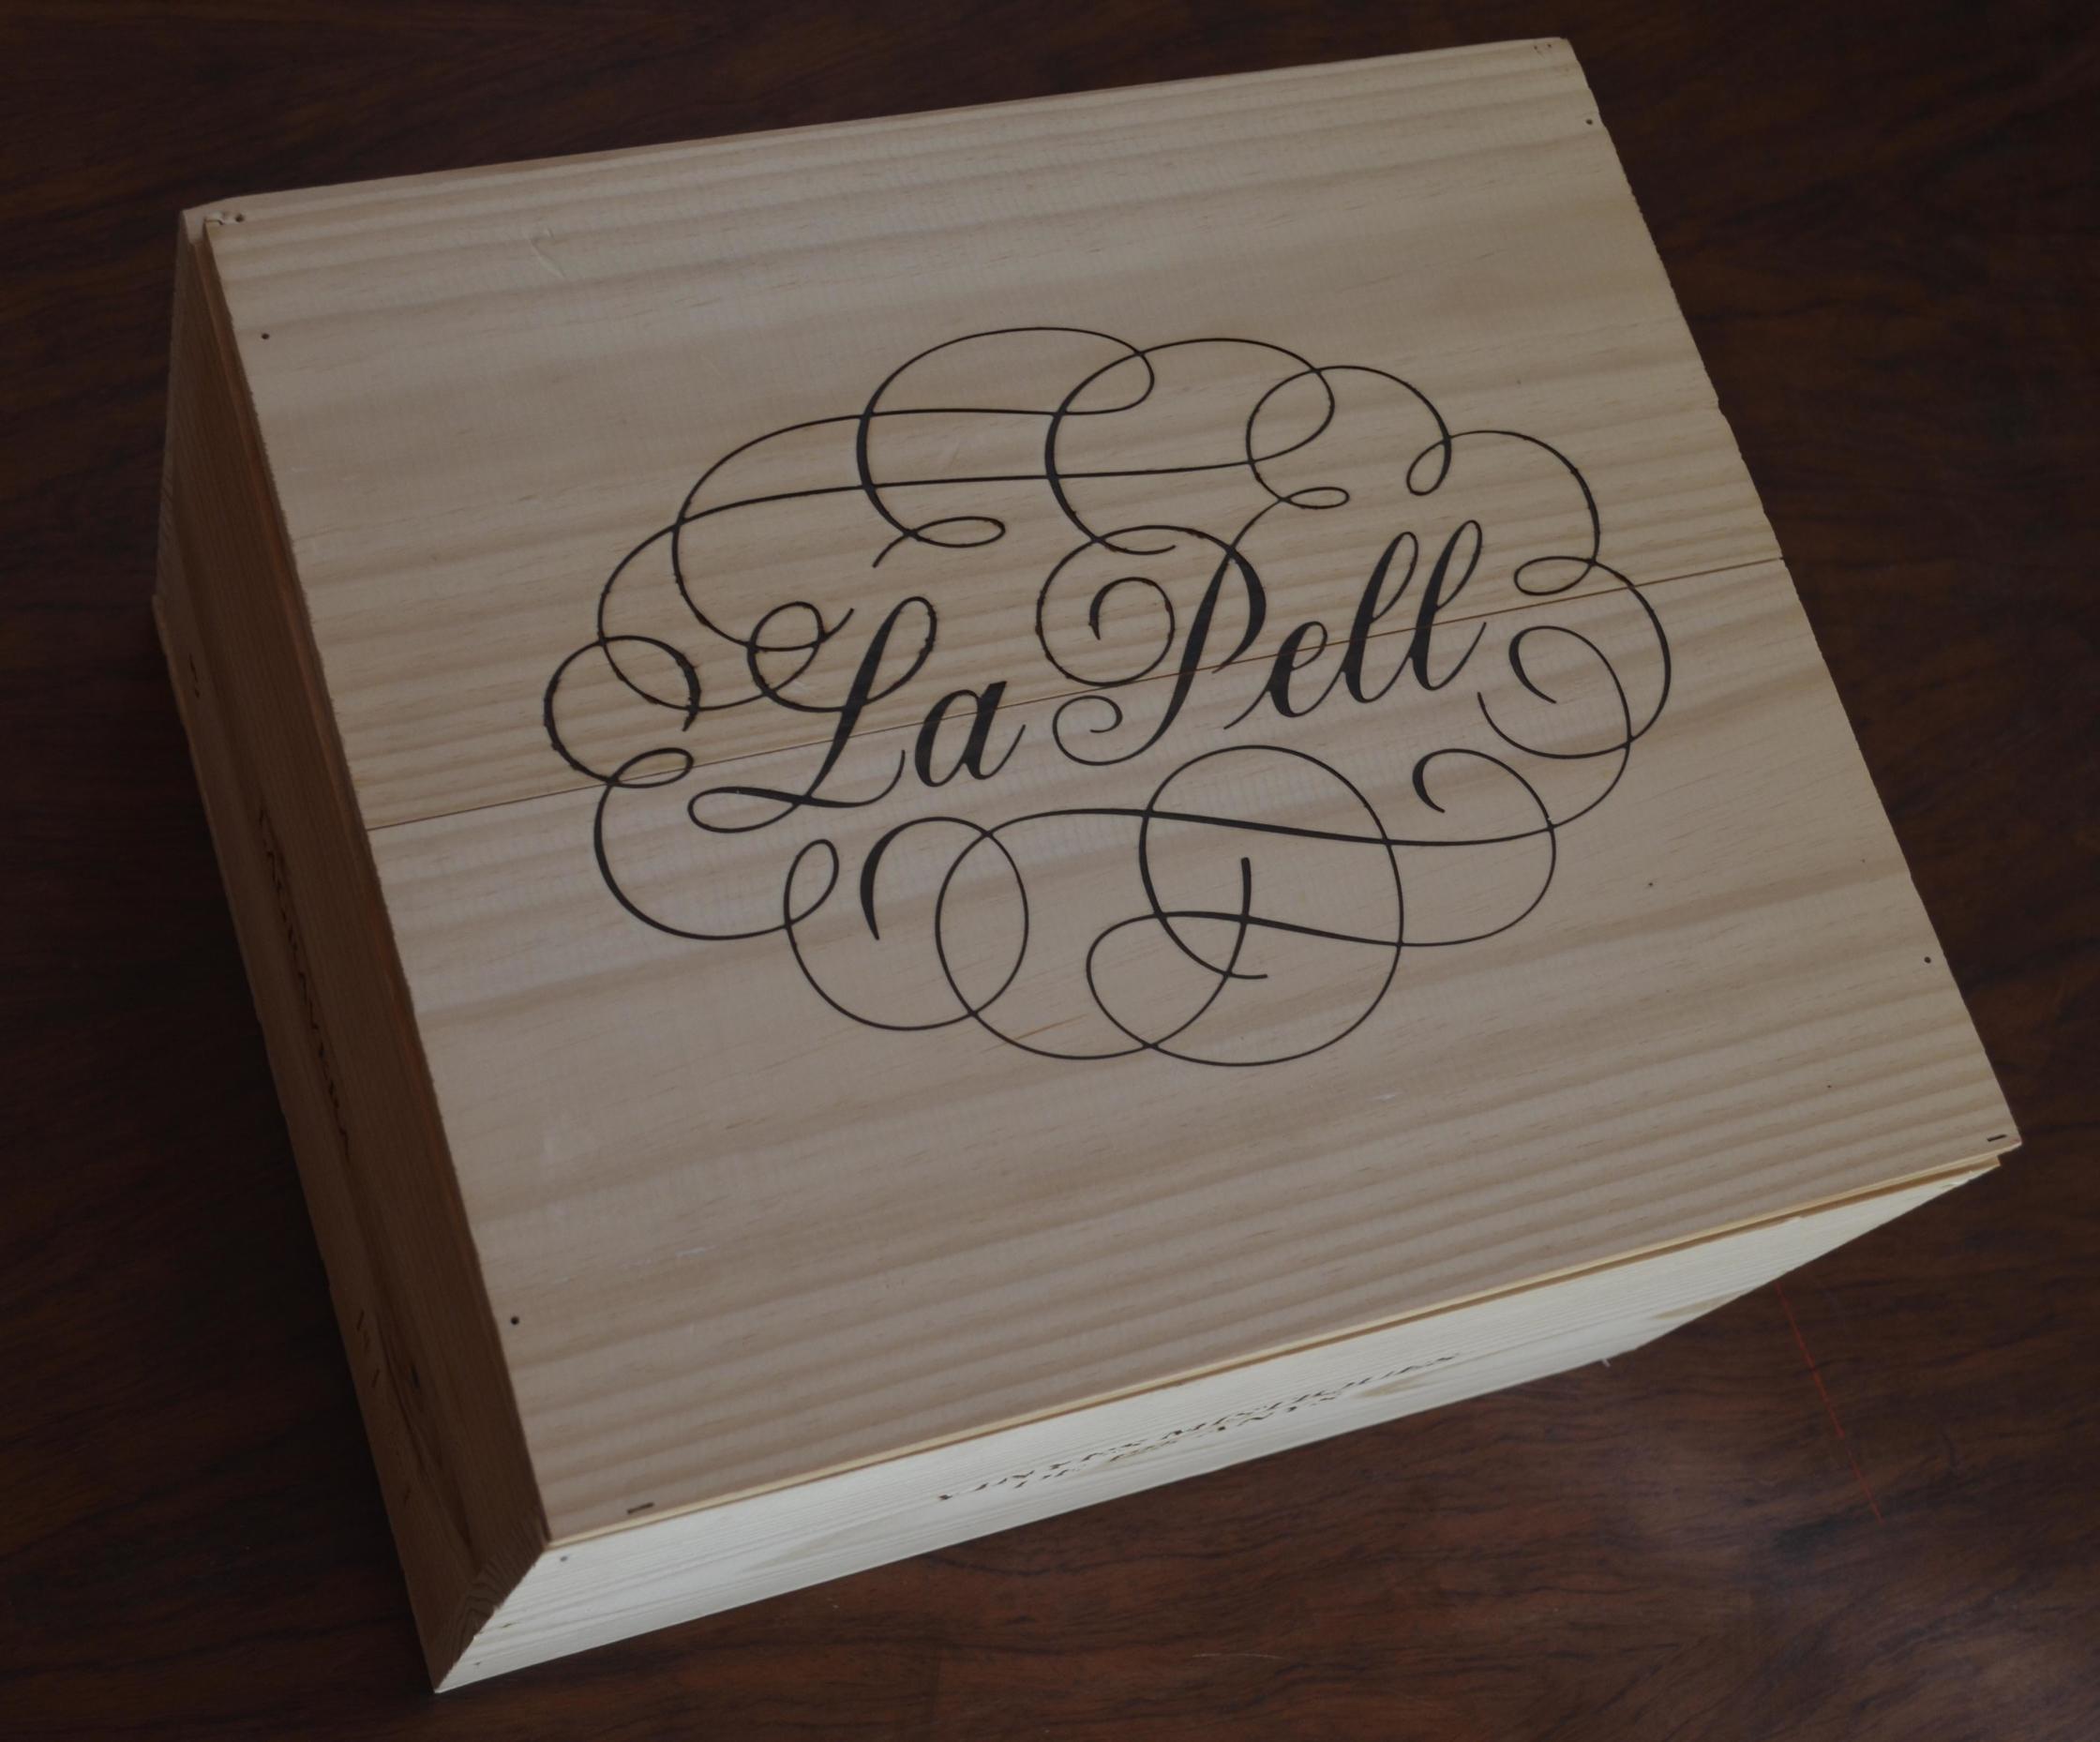 La Pell caixa_DSC0201.jpg